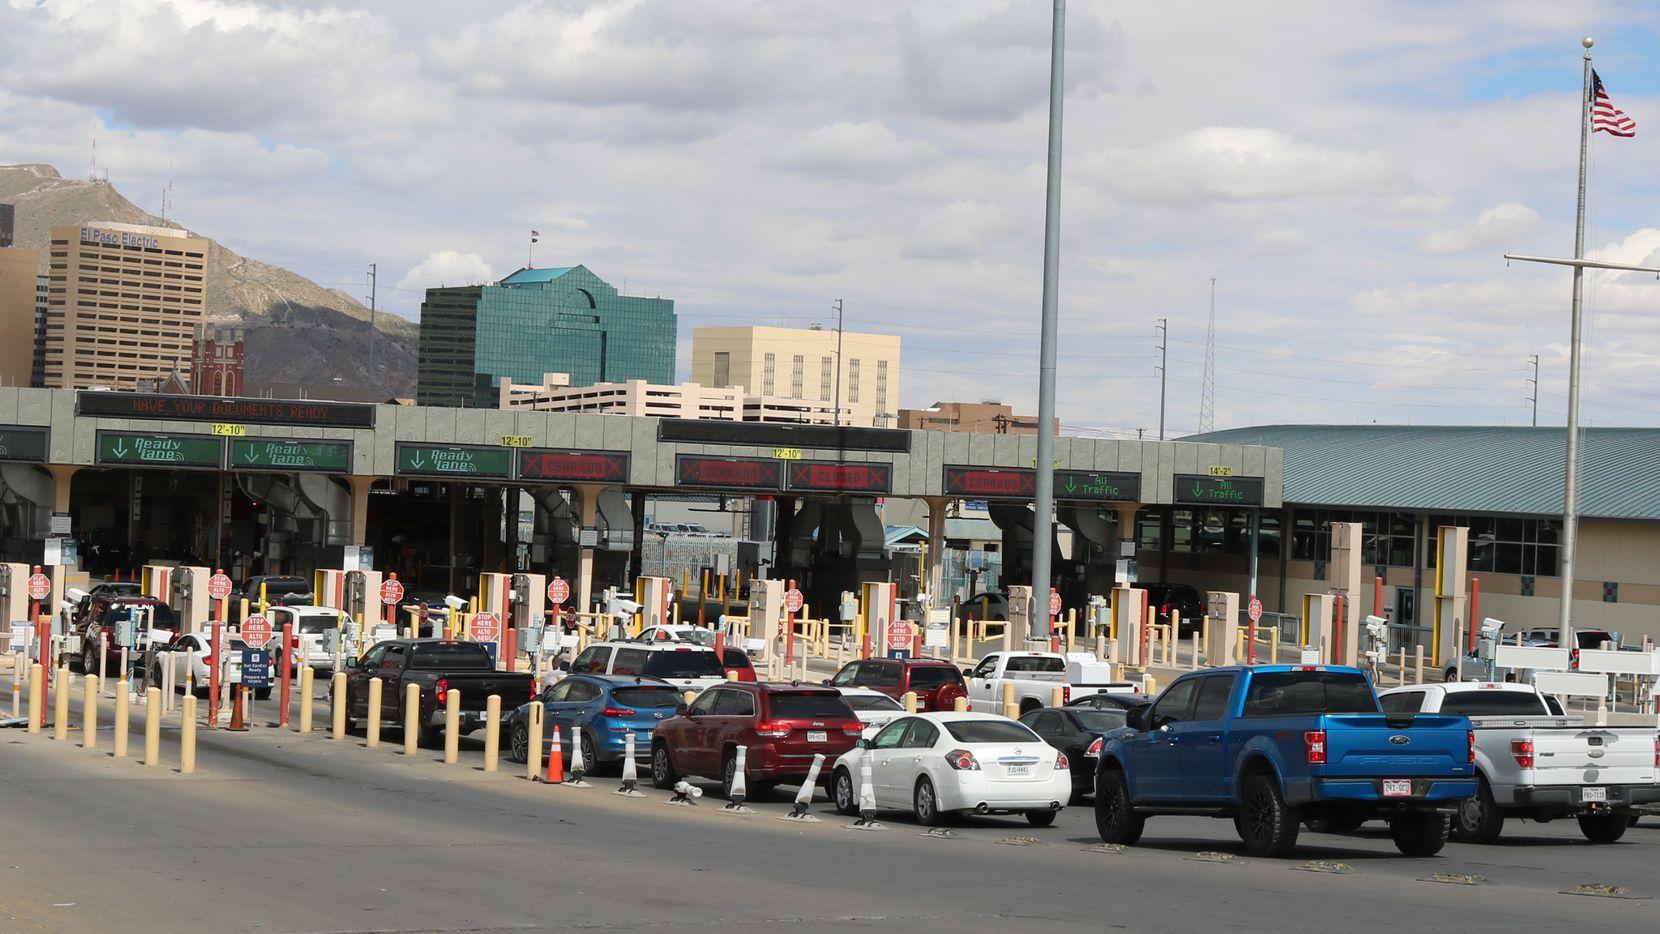 Vehículos esperan ingresar de México a Estados Unidos por el Puente Internacional Santa Fé, que conecta El Paso, Texas y Ciudad Juárez, México.